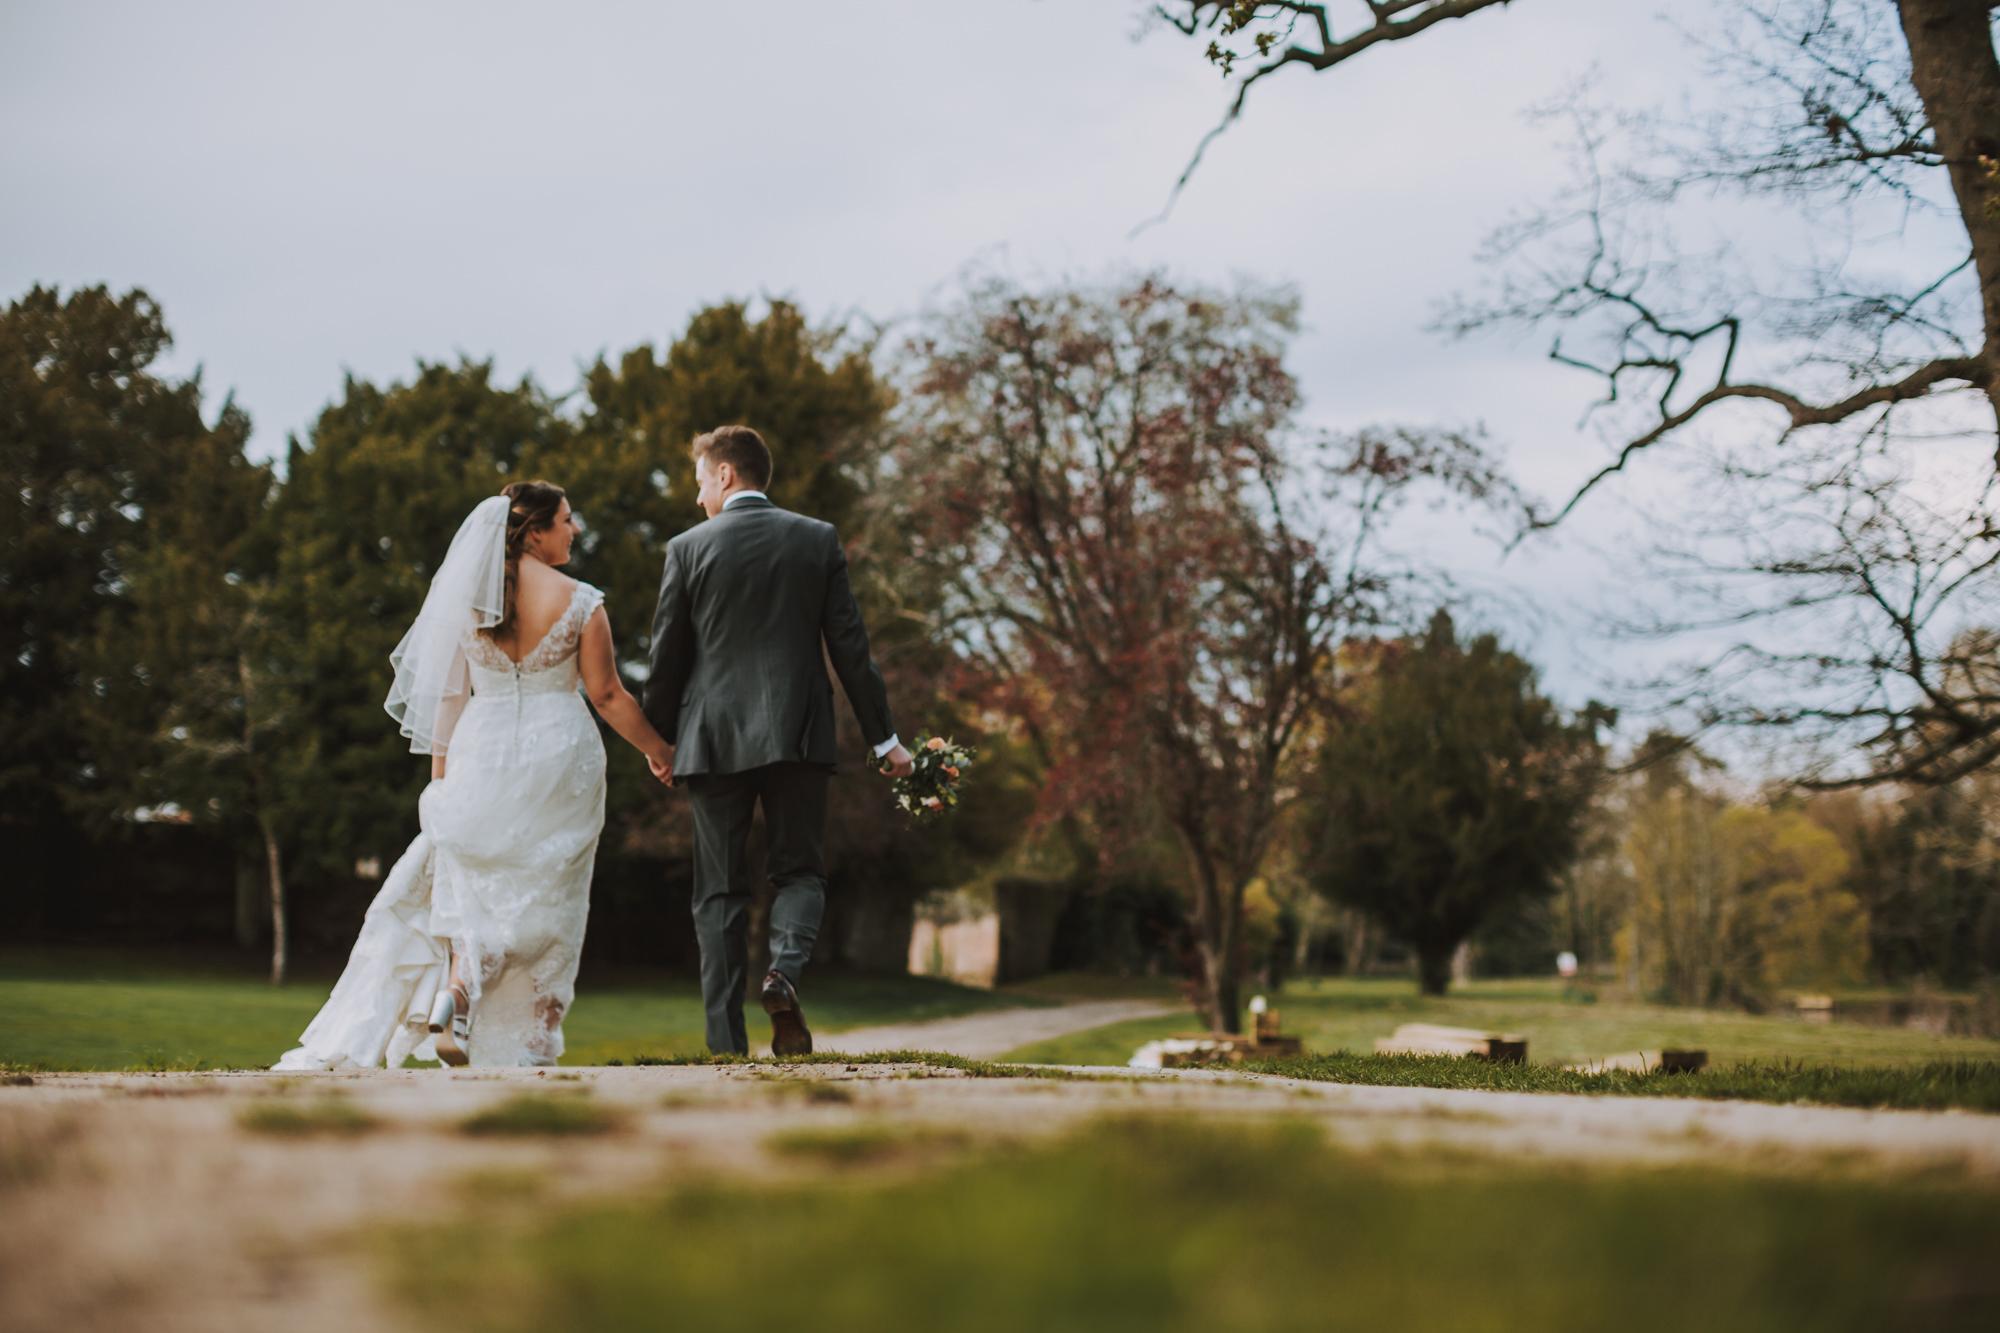 wedding photographers in buckinghamshire-27.jpg